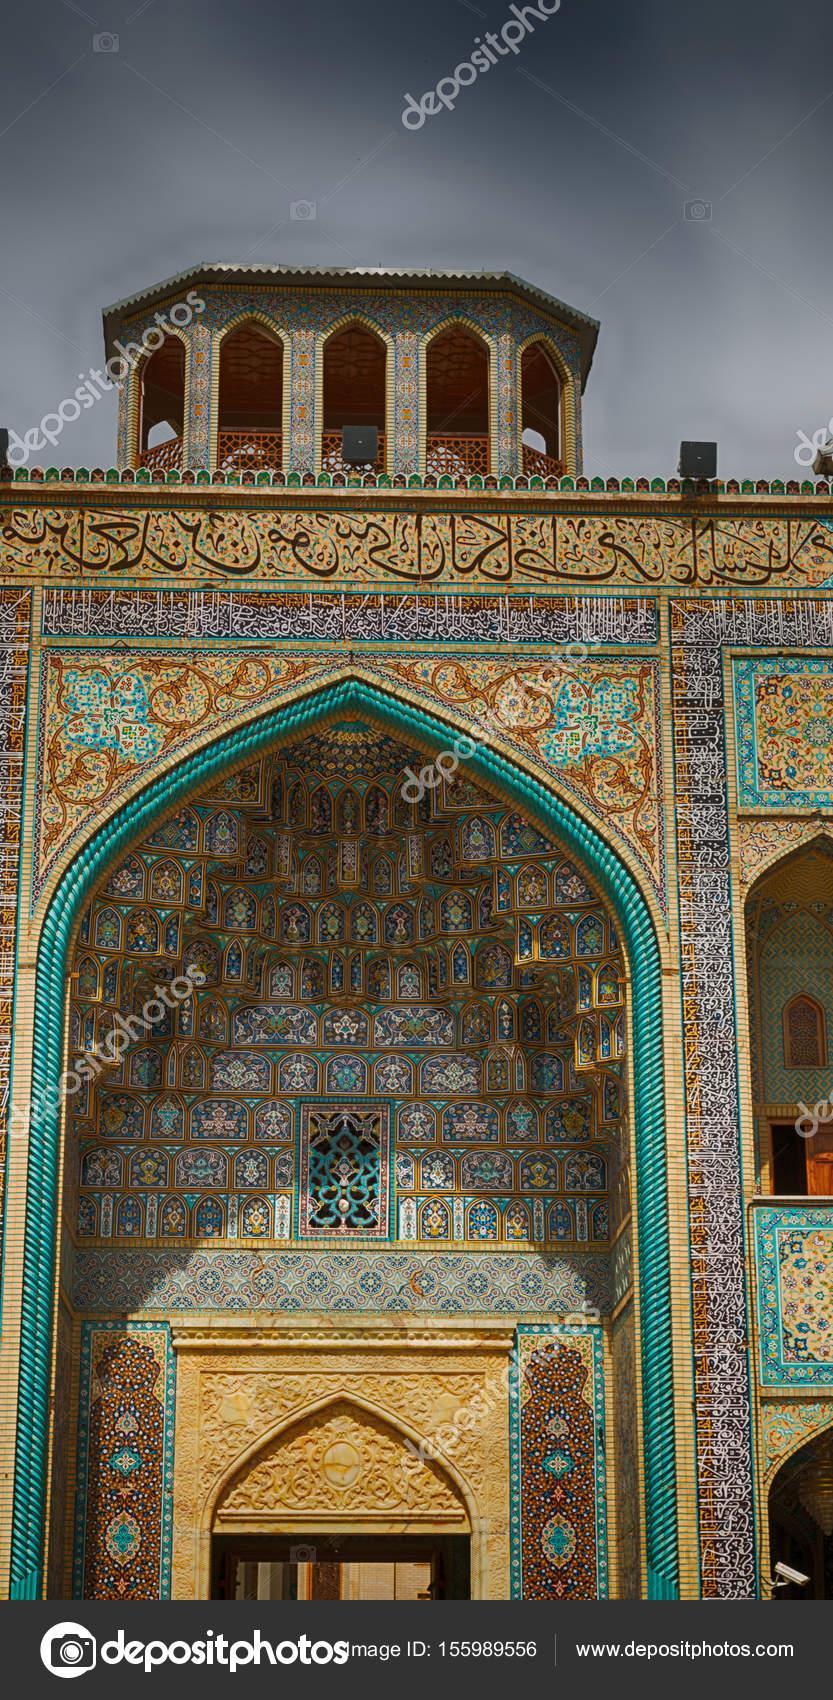 Fliesen Sie Im Iran Die Alte Moschee Und Traditionellen Wand Schnitt Nahe  Minarett U2014 Foto Von Lkpro